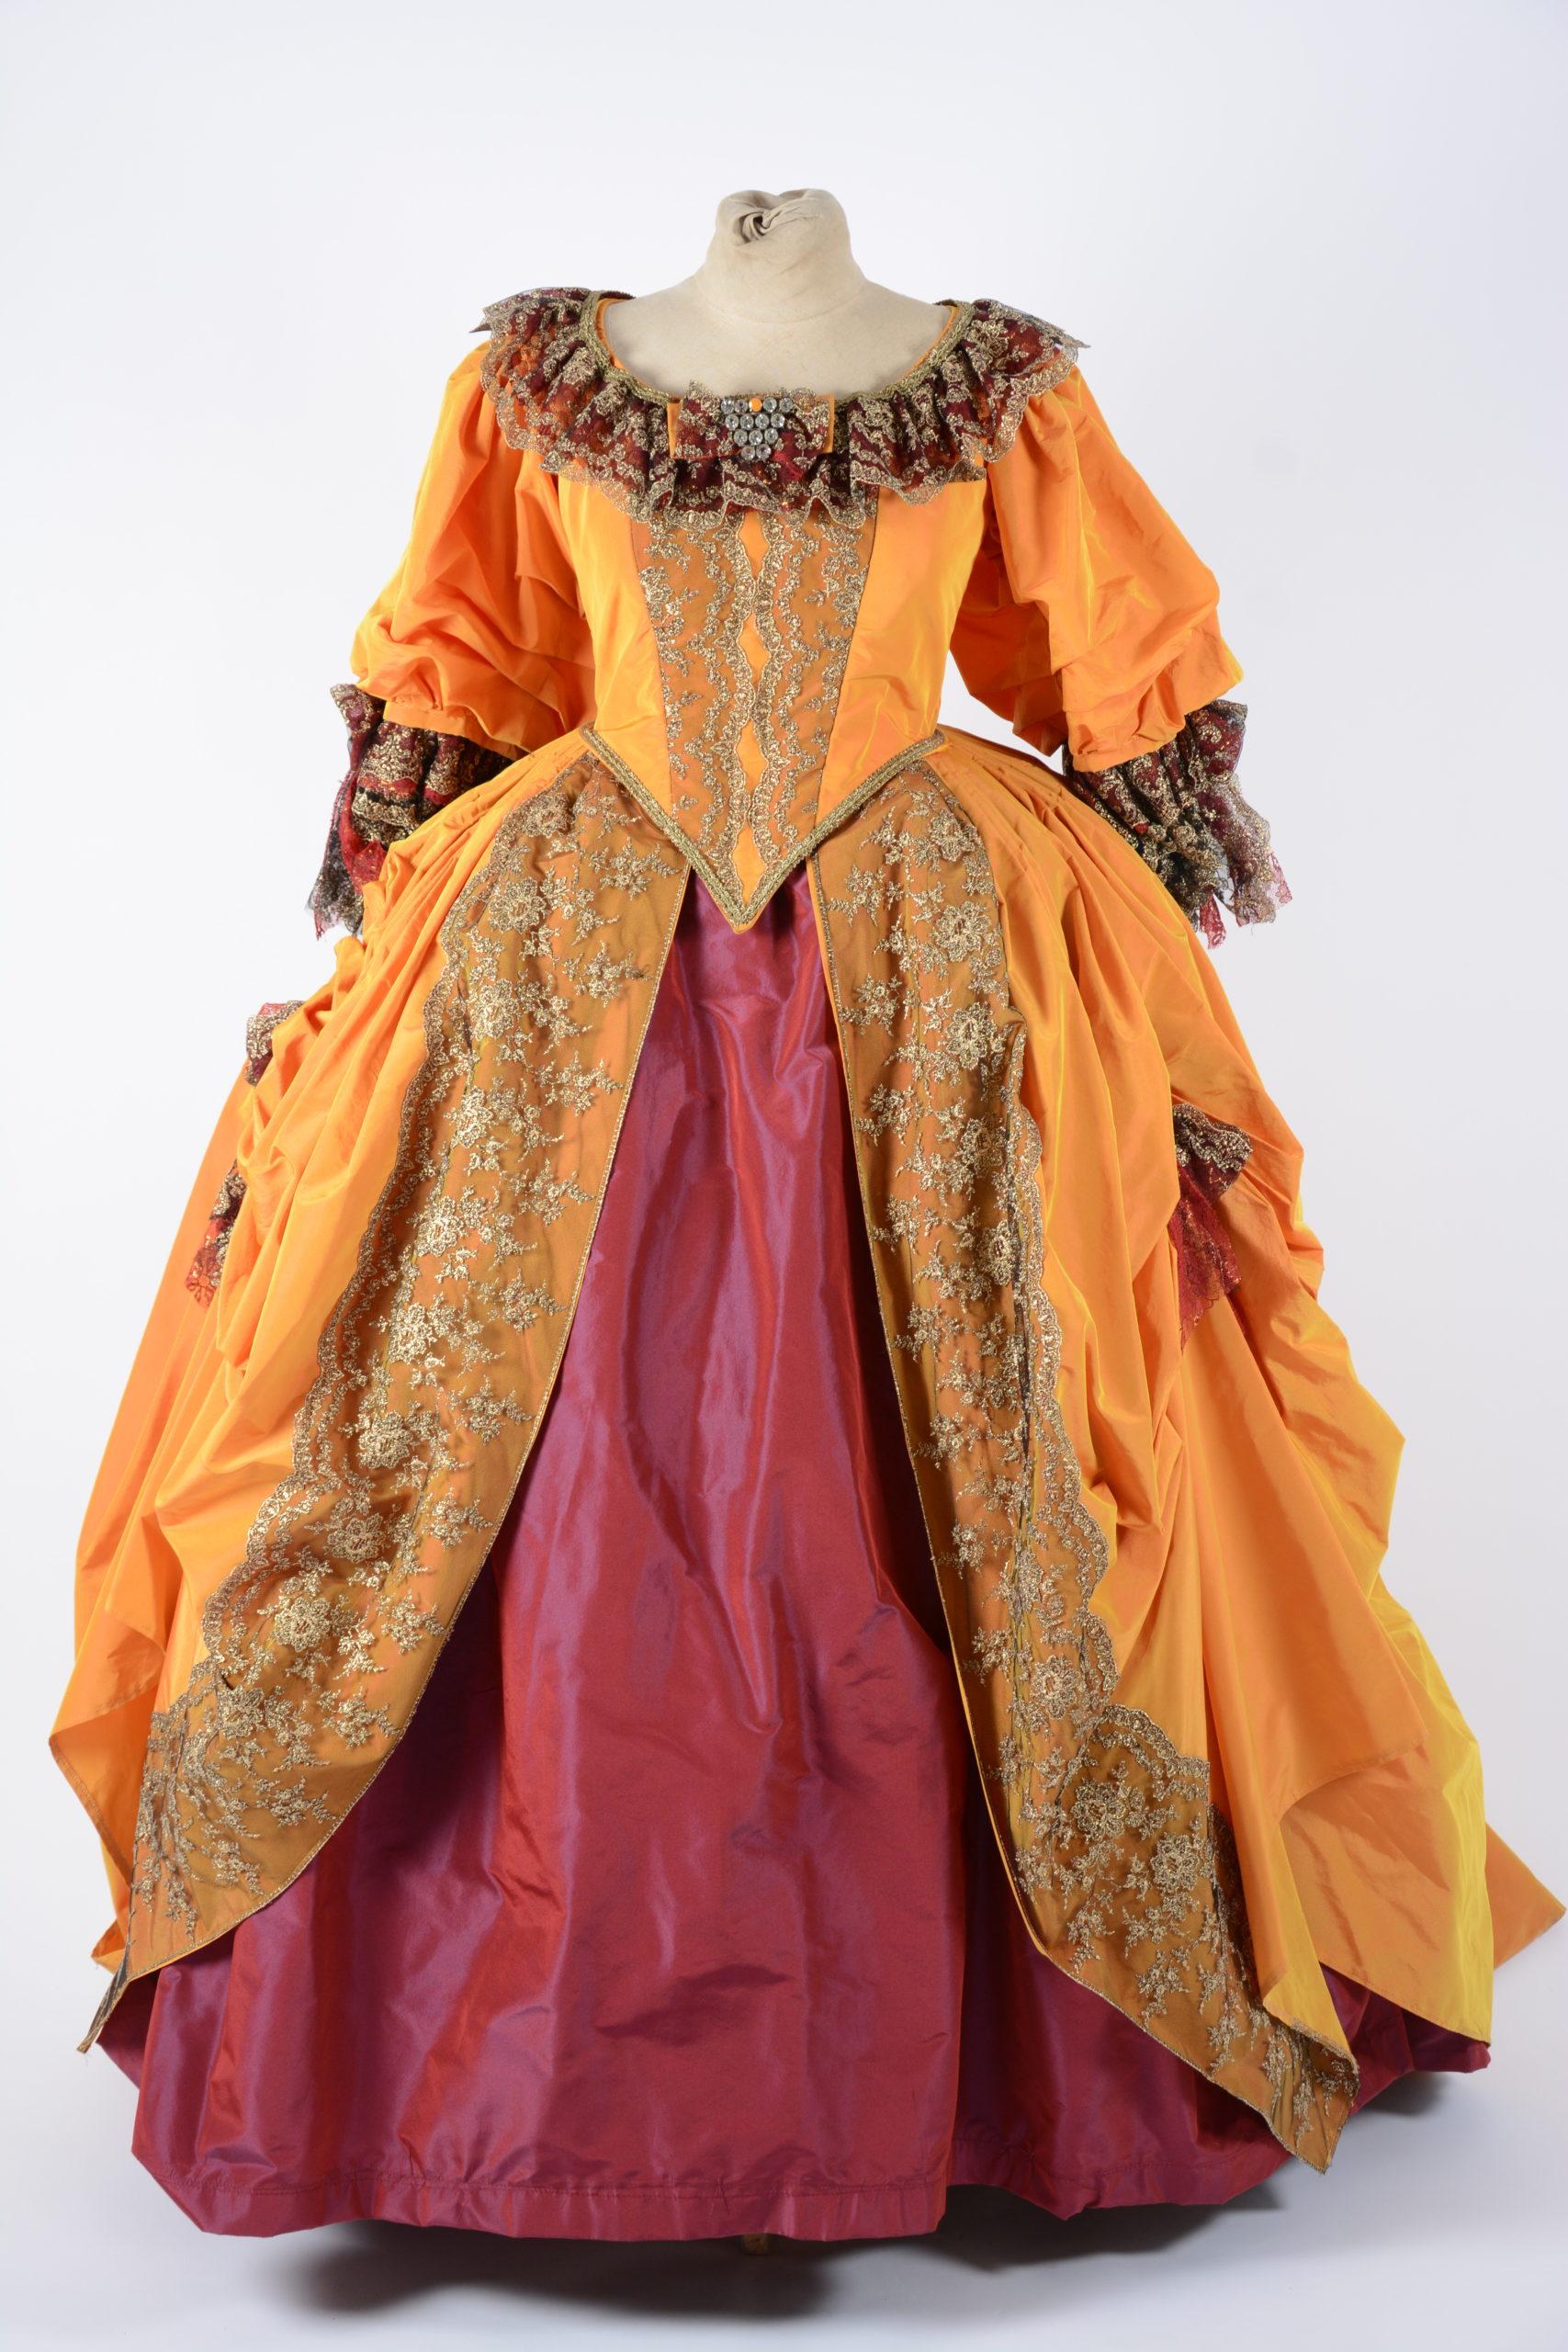 Robe Rococo-Baroque